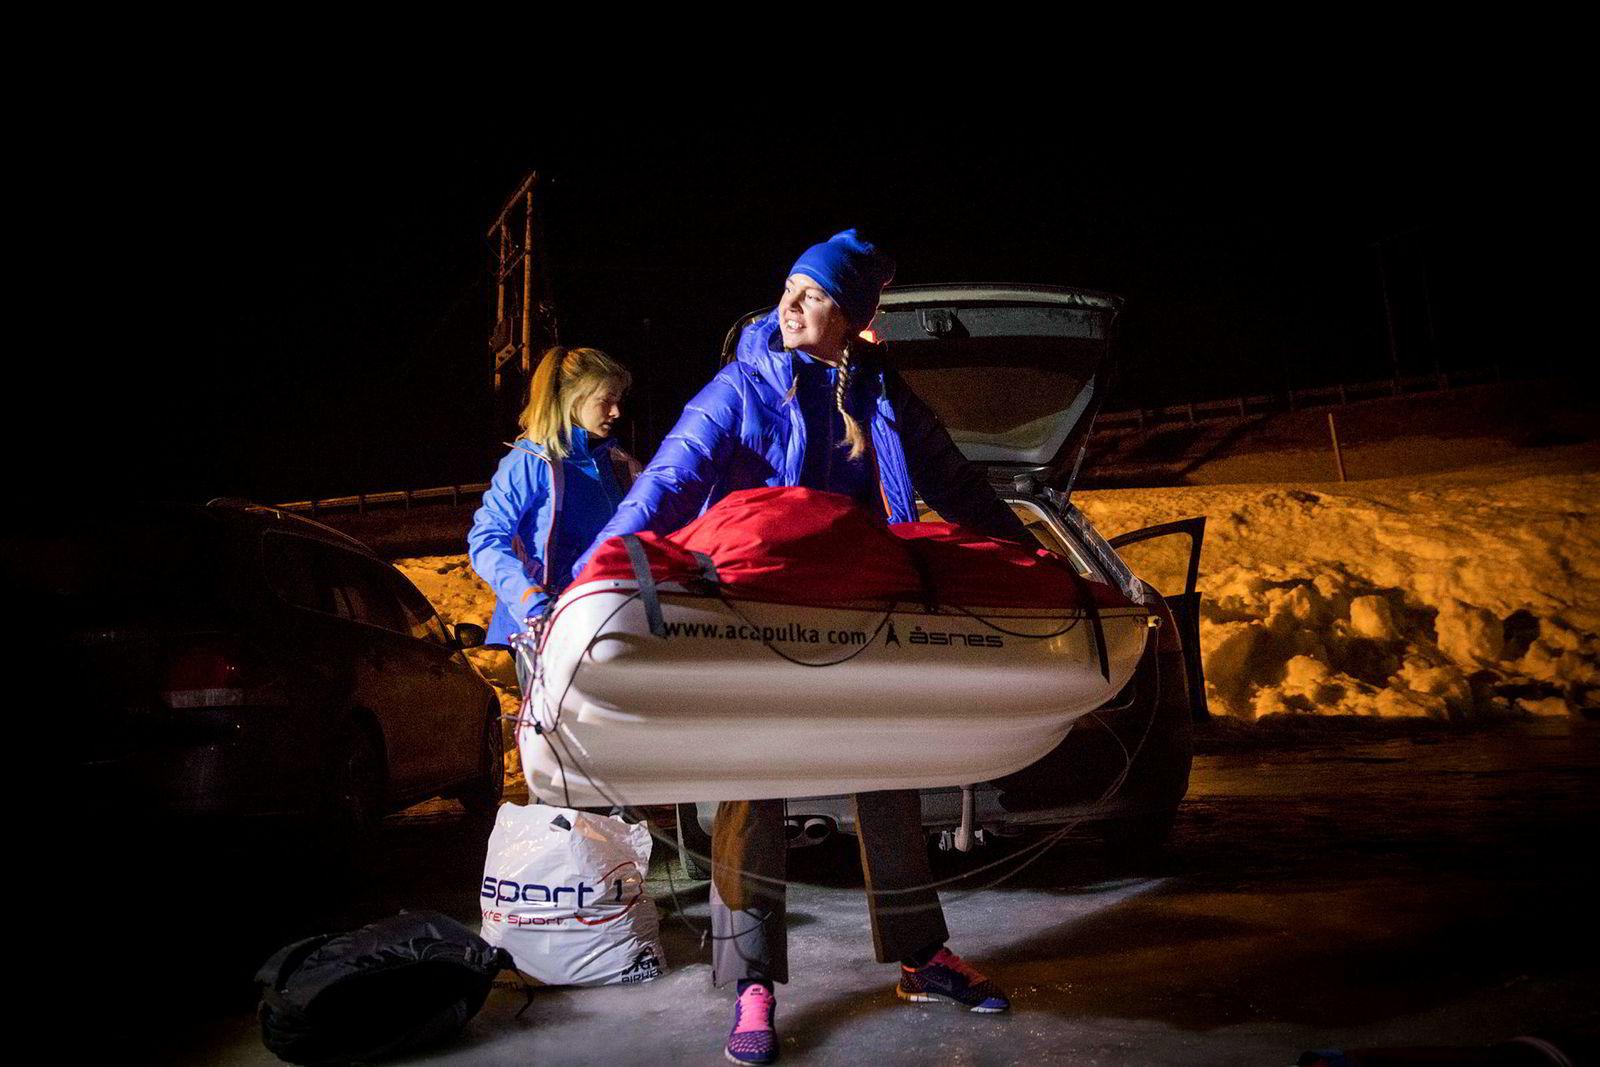 Ingeborg Kristine Lind løfter ut pulken av bilen etter å ha kommet fram til Haukelifjell sent på kvelden. Sammen med Line Sogn Plassen i bakgrunnen, ligger de to i hardtrening før de skal gå Expedition Amundsen over Hardangervidda.